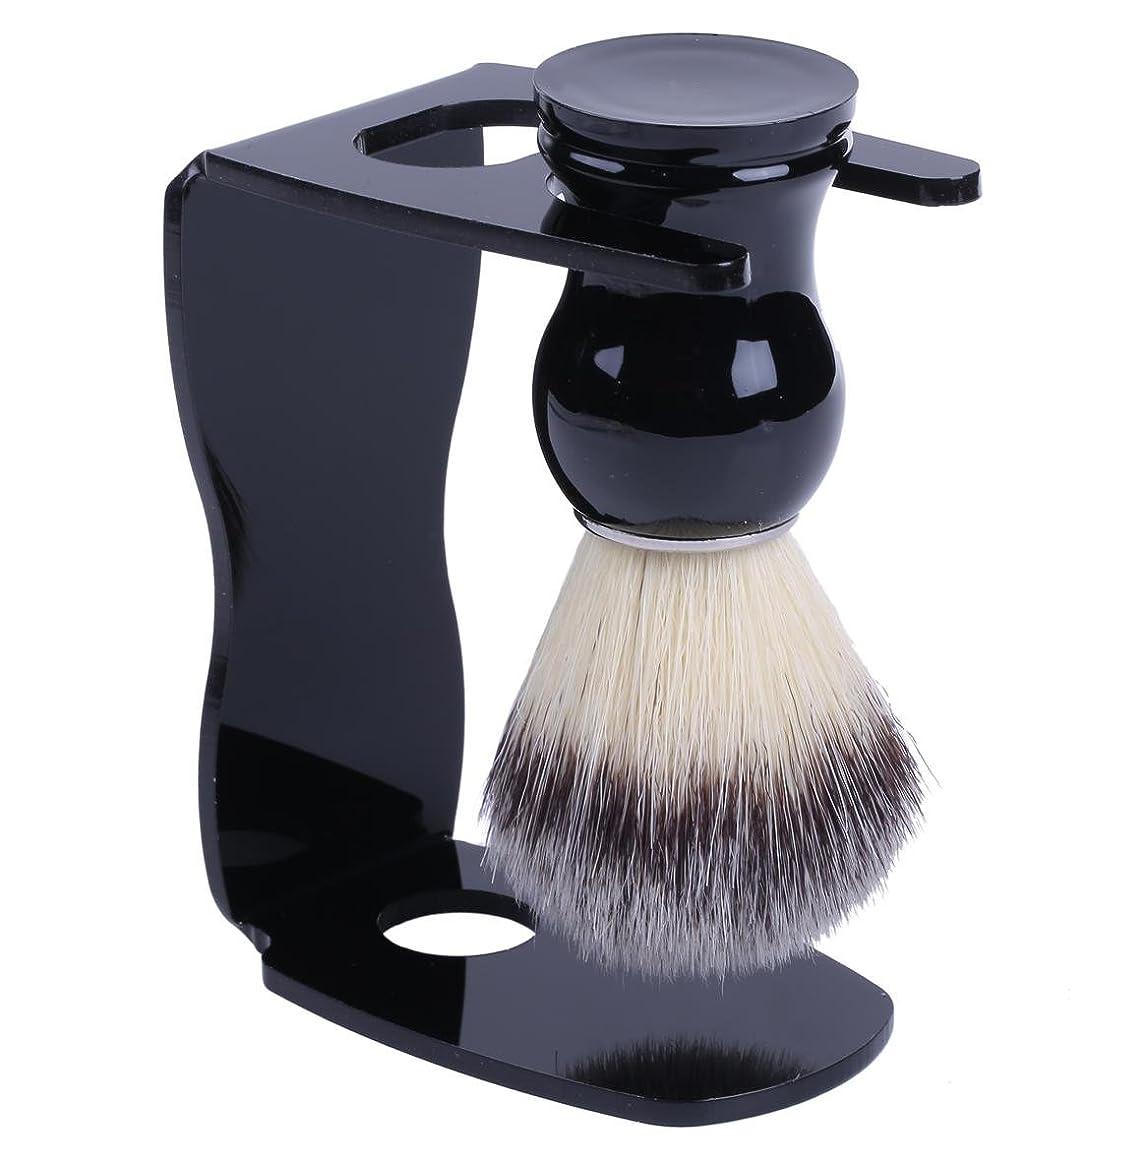 鷹あたり偏見泡立ちが違う アナグマ 毛100% スタンド付き シェービング ブラシ /髭剃り 洗顔 理容 マッサージ 美容 効果